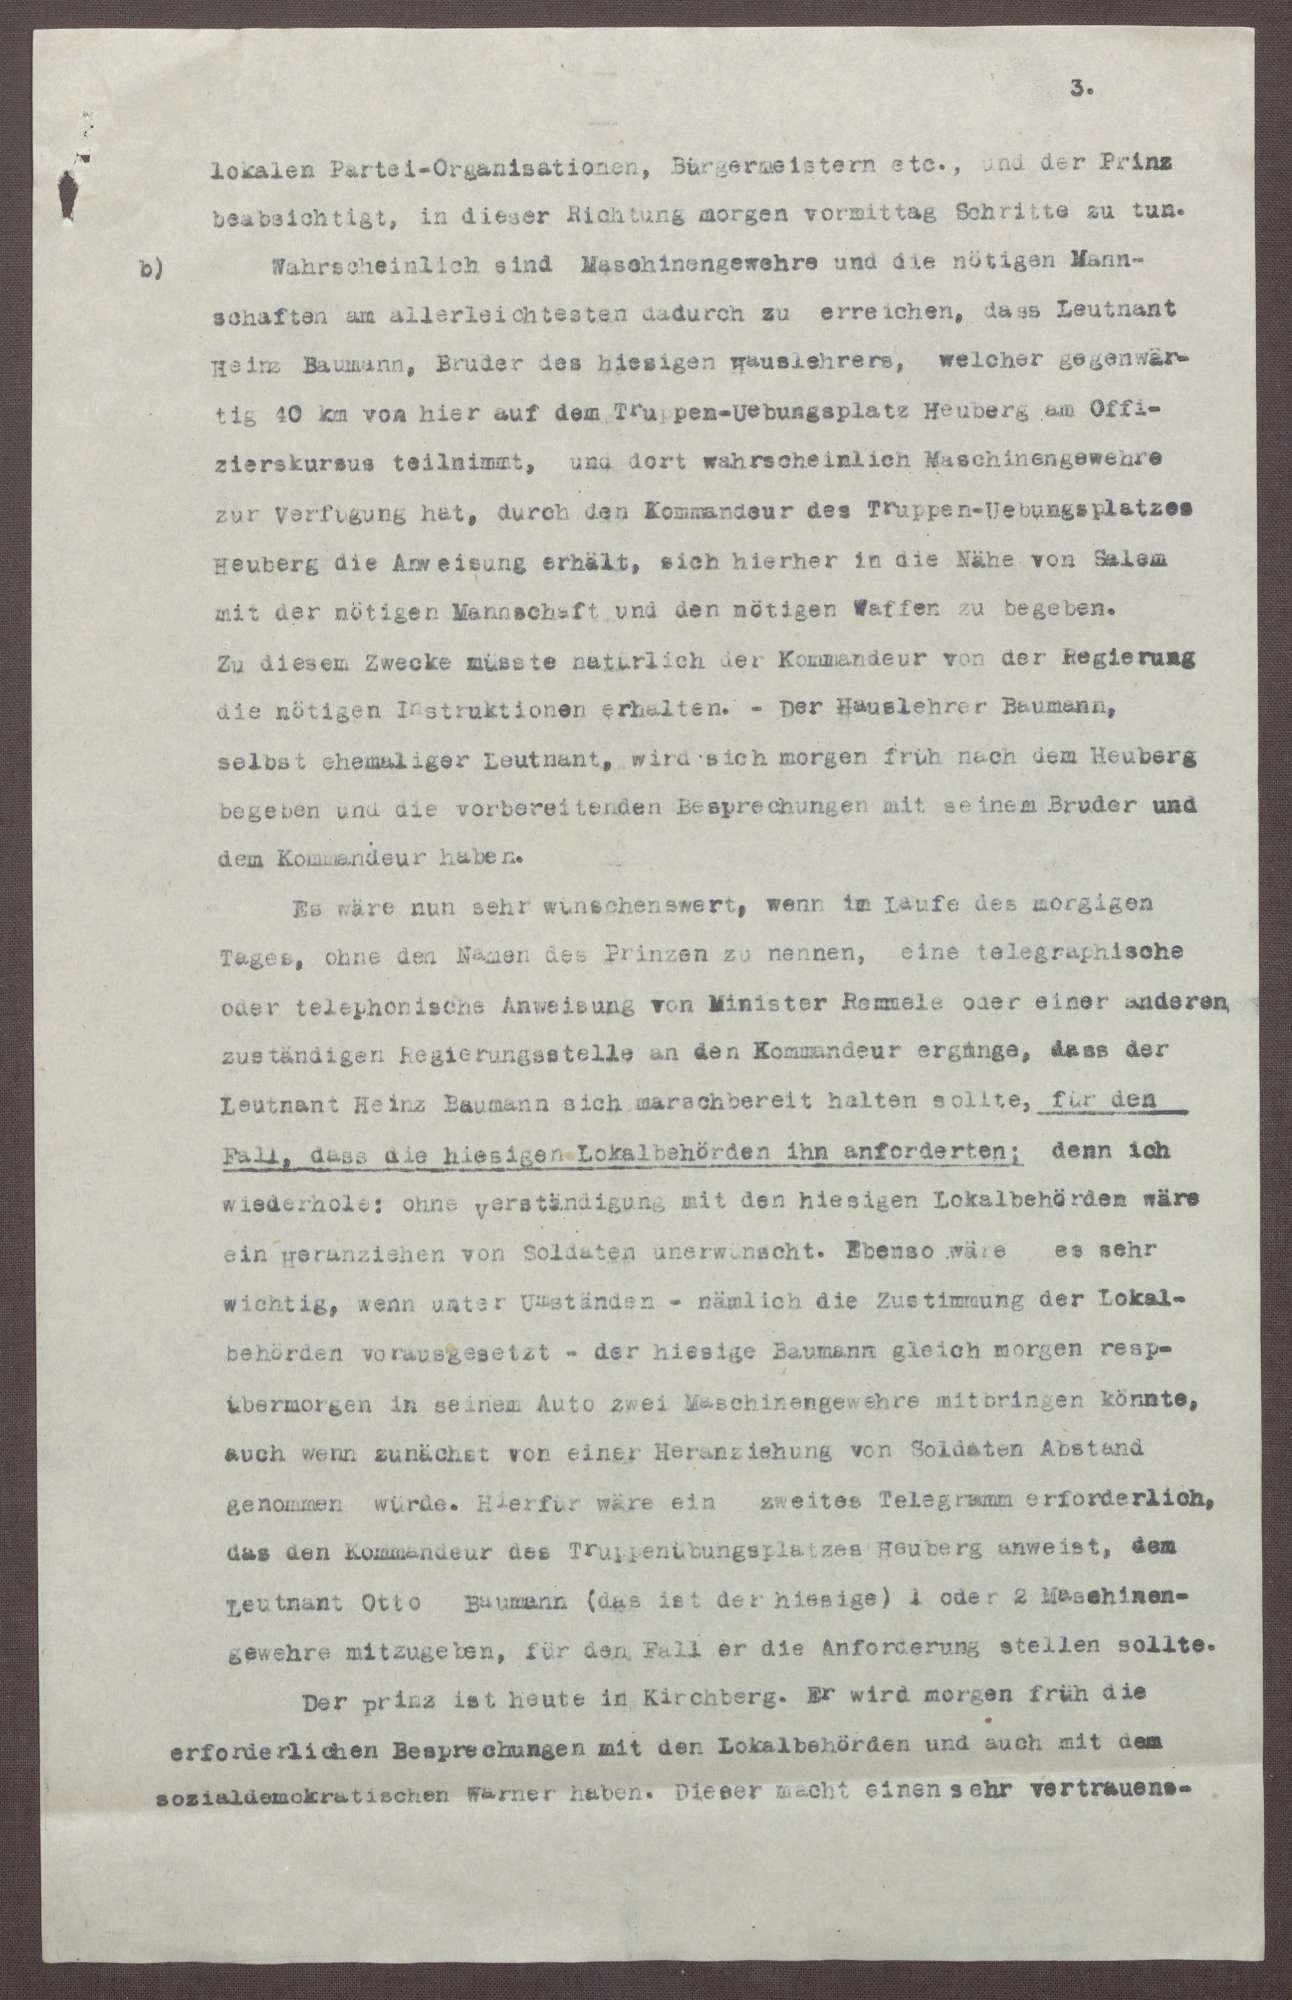 Schreiben von Kurt Hahn an Ludwig Haas; Unmittelbare Gefahr eines spartakitischen Putsches in Friedrichshafen und anderen Städten des Bodensees, Bild 3